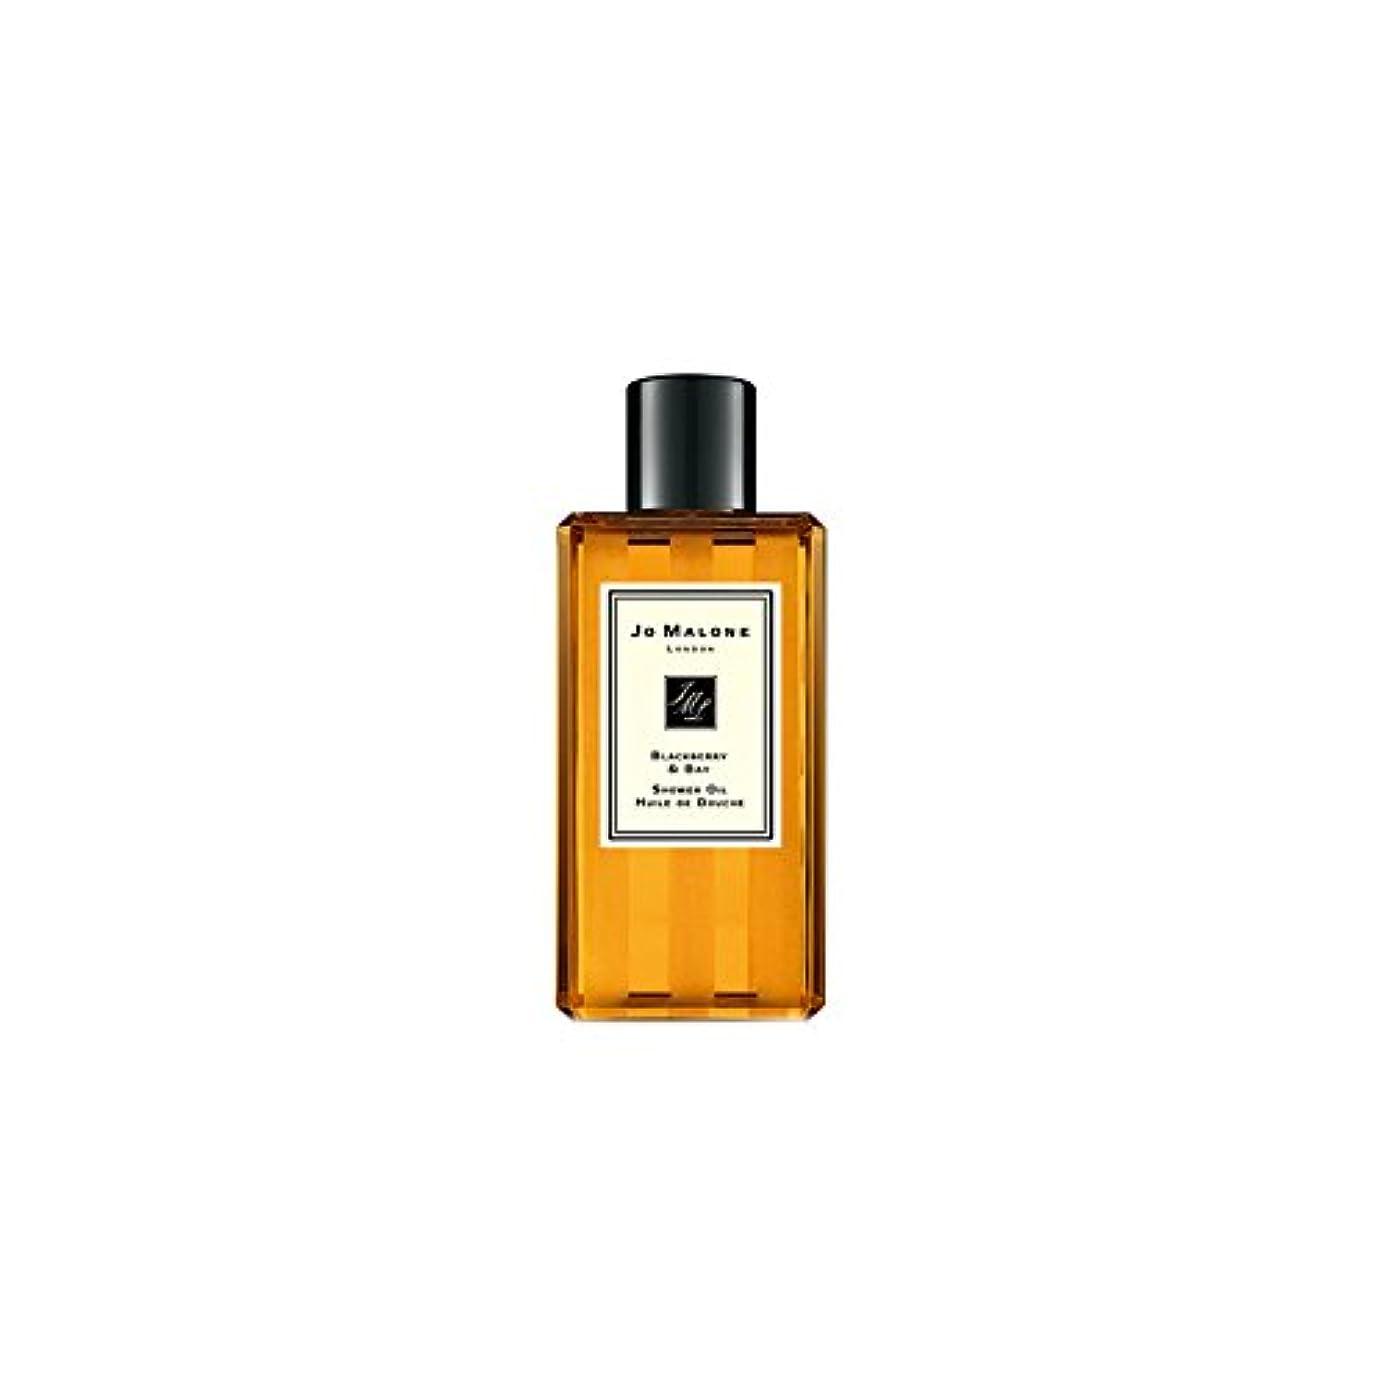 晴れ袋メダリストJo Malone Blackberry & Bay Shower Oil - 250ml (Pack of 6) - ジョーマローンブラックベリー&ベイシャワーオイル - 250ミリリットル (x6) [並行輸入品]